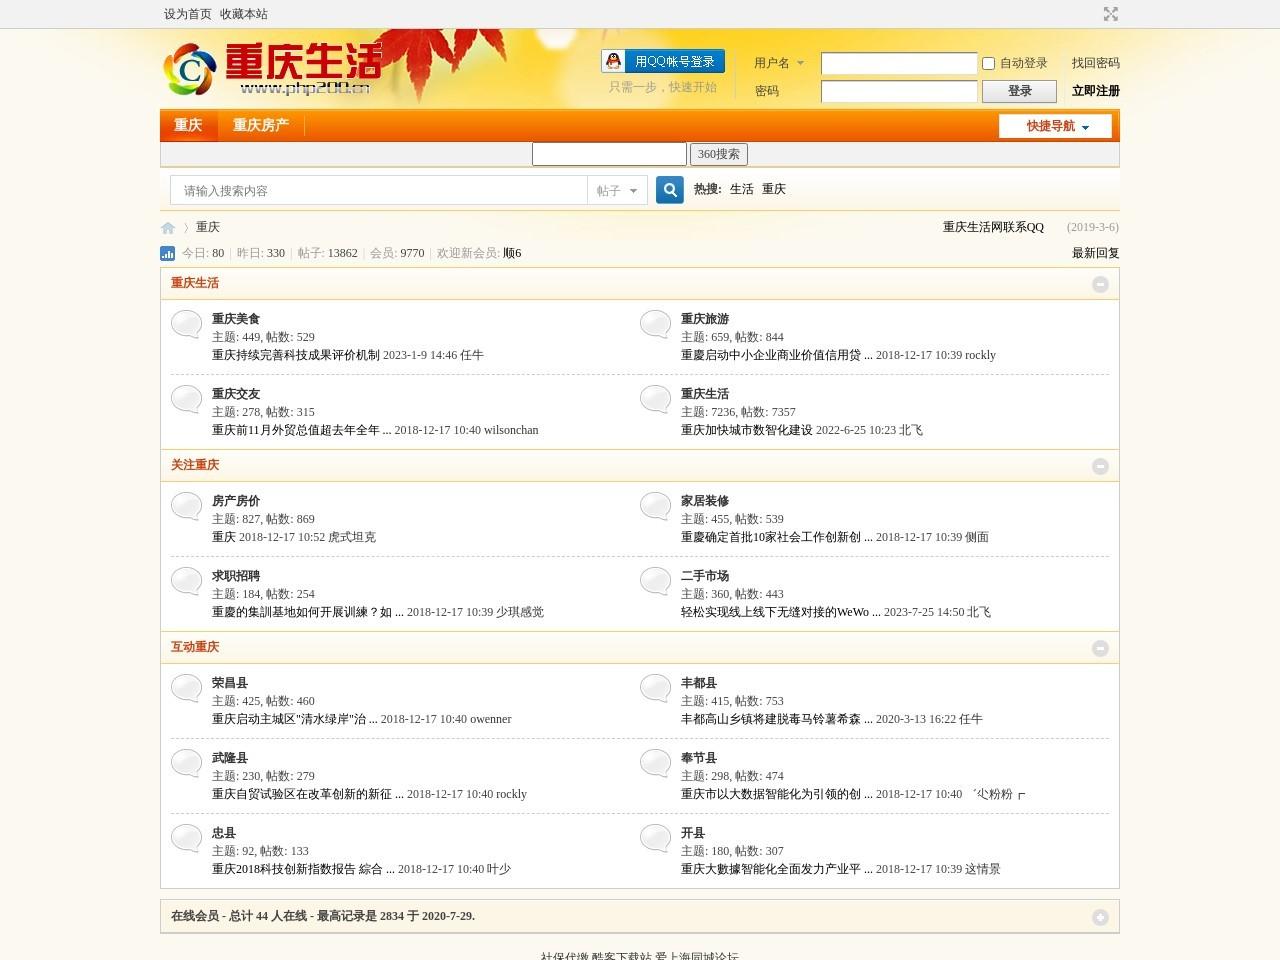 重庆生活网-重庆生活论坛